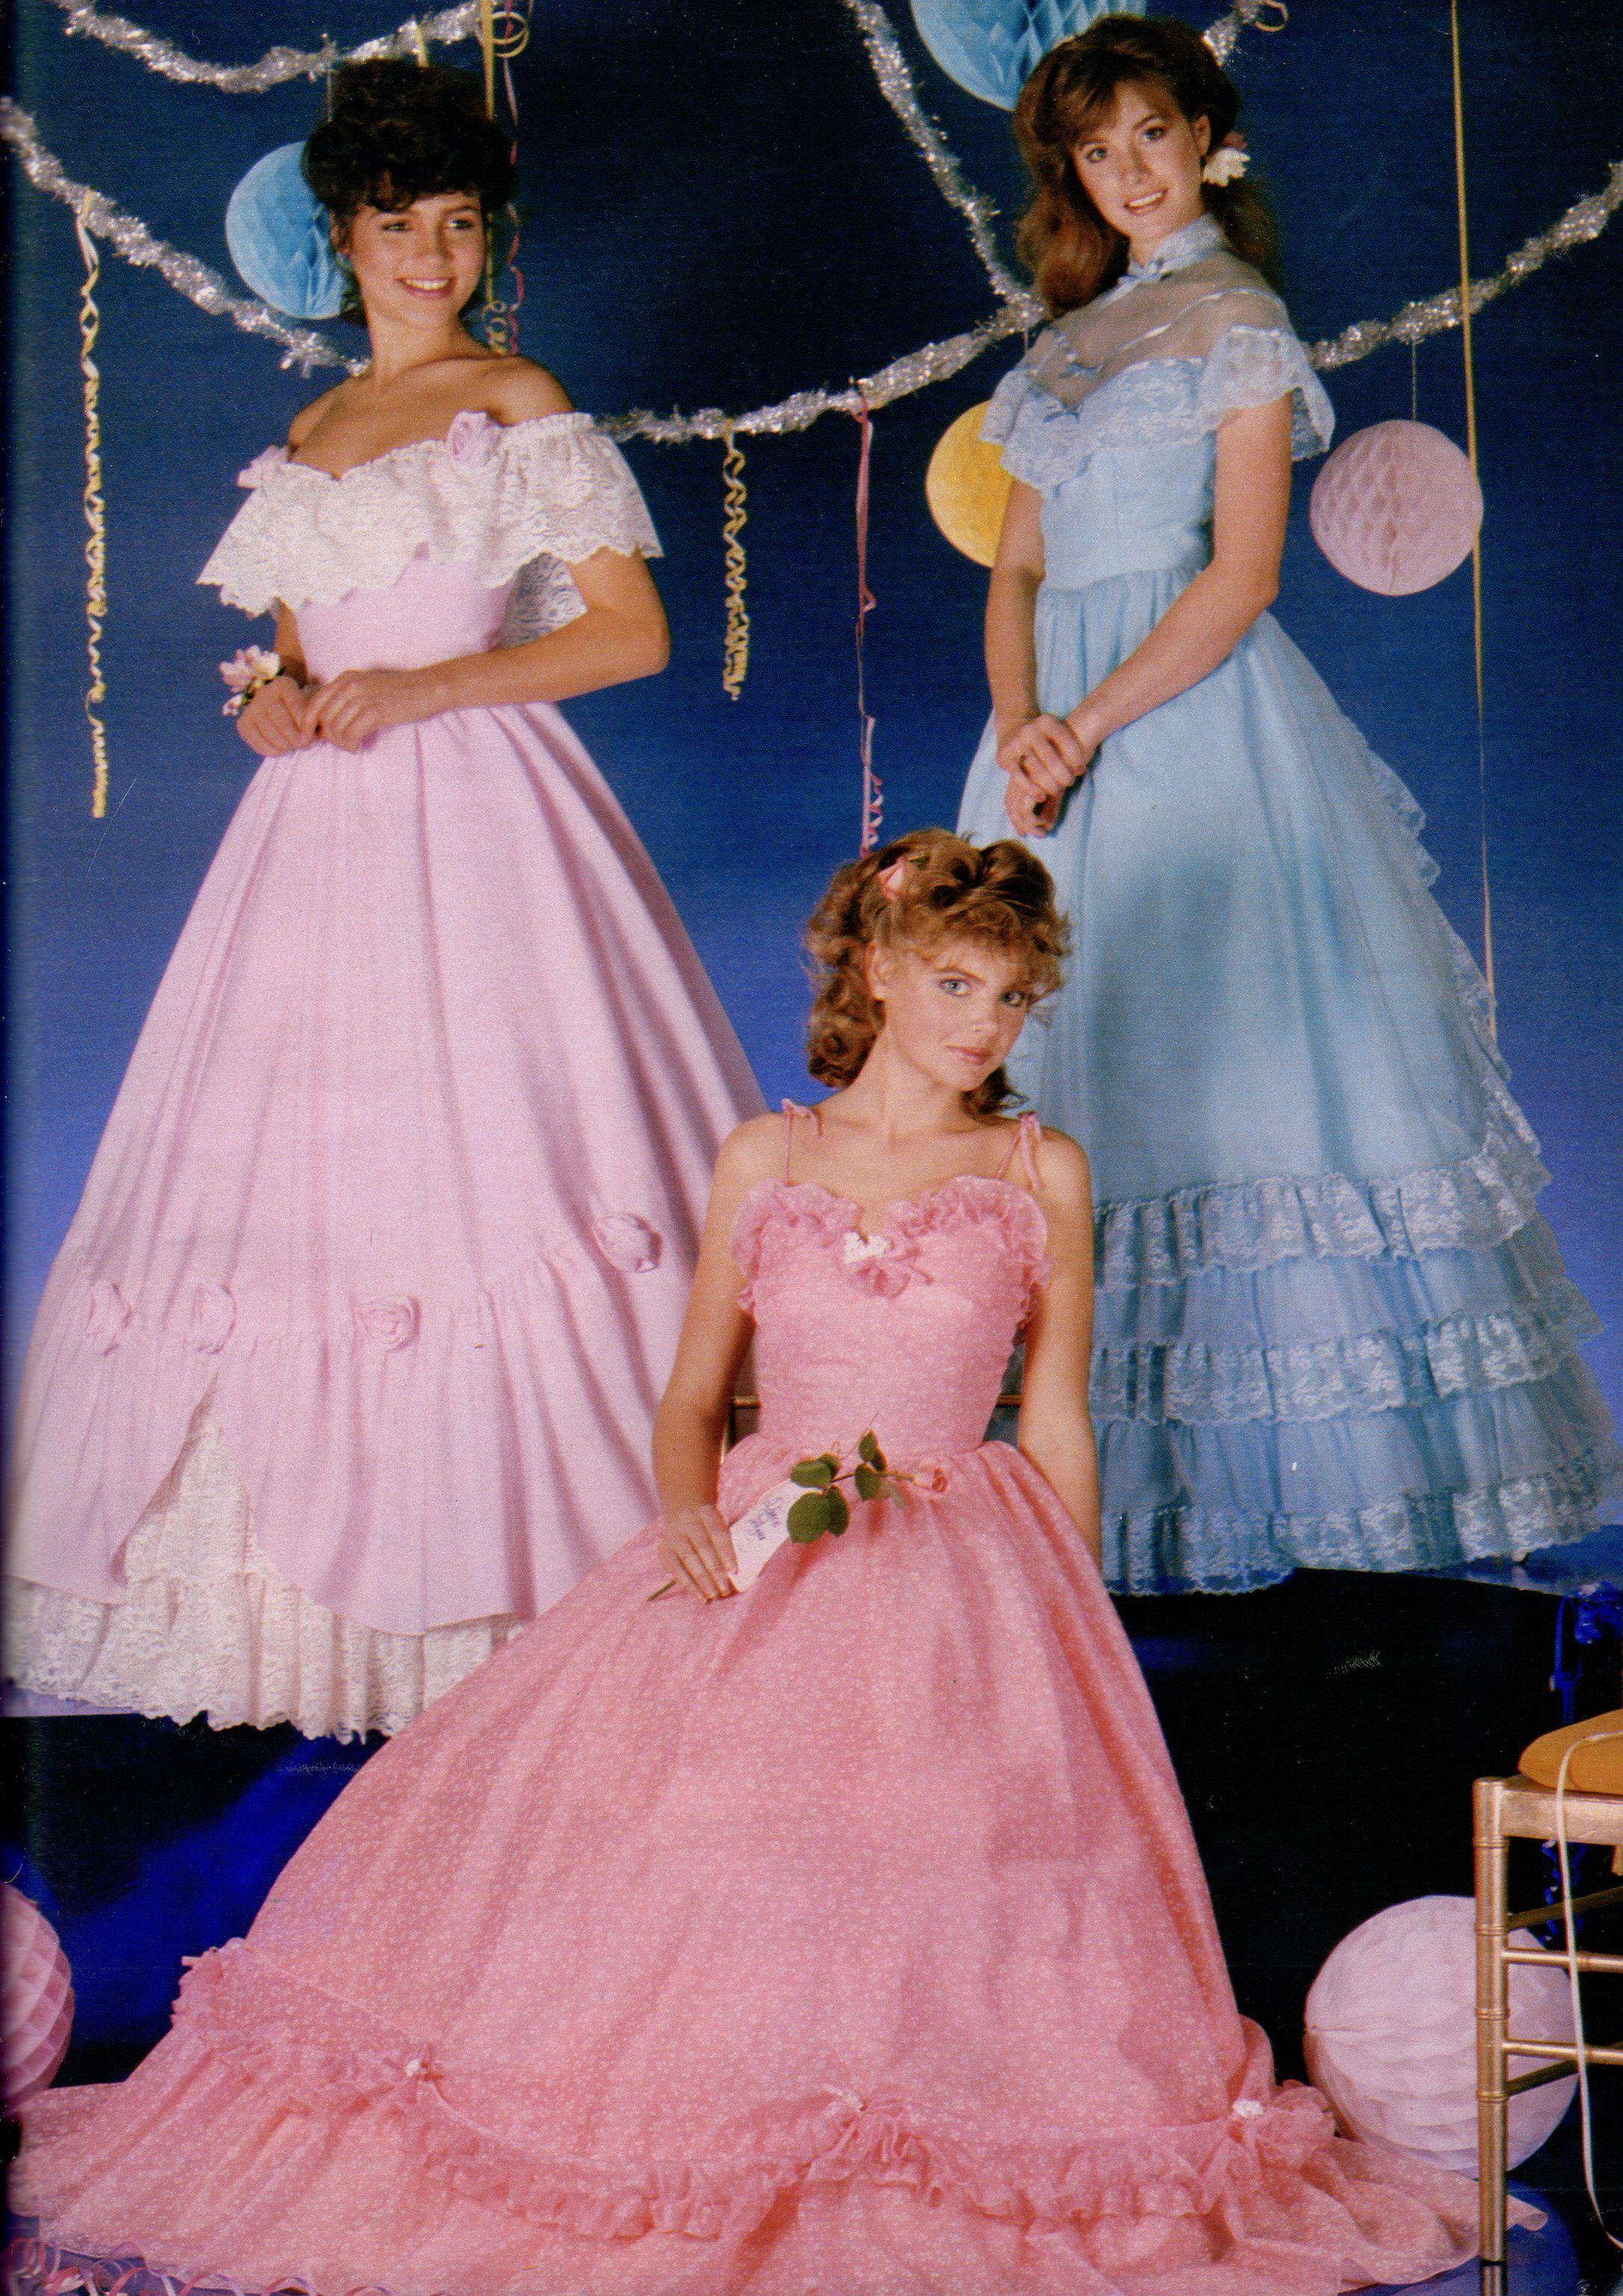 Nadine 1983 In 2021 Cotillion Dresses Prom Dresses Vintage Vintage Style Dresses [ 3072 x 2172 Pixel ]